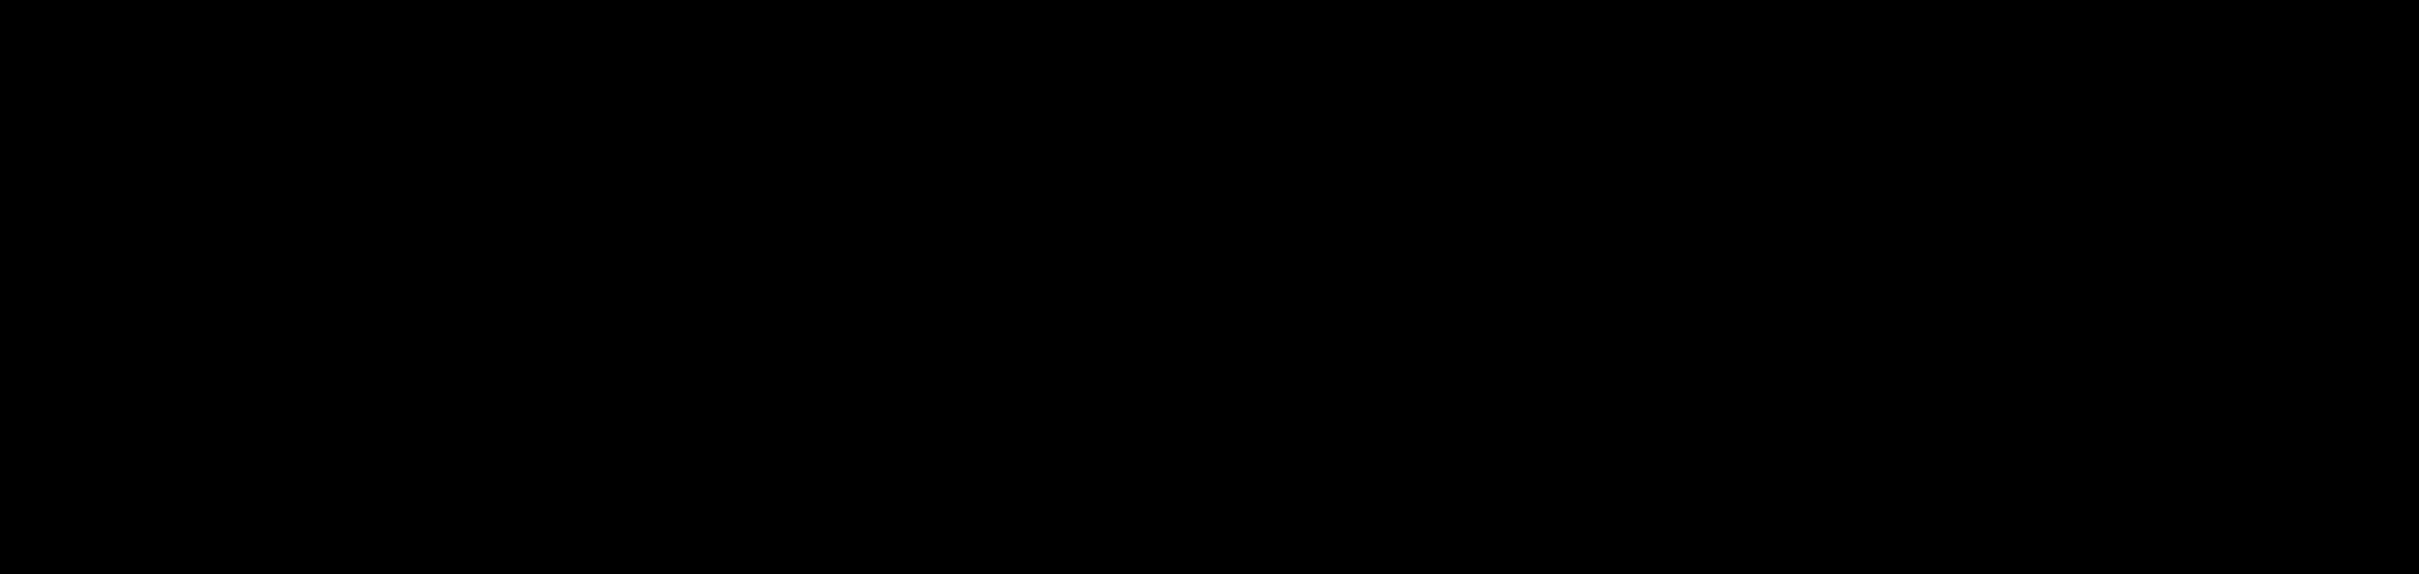 Bakiu Design